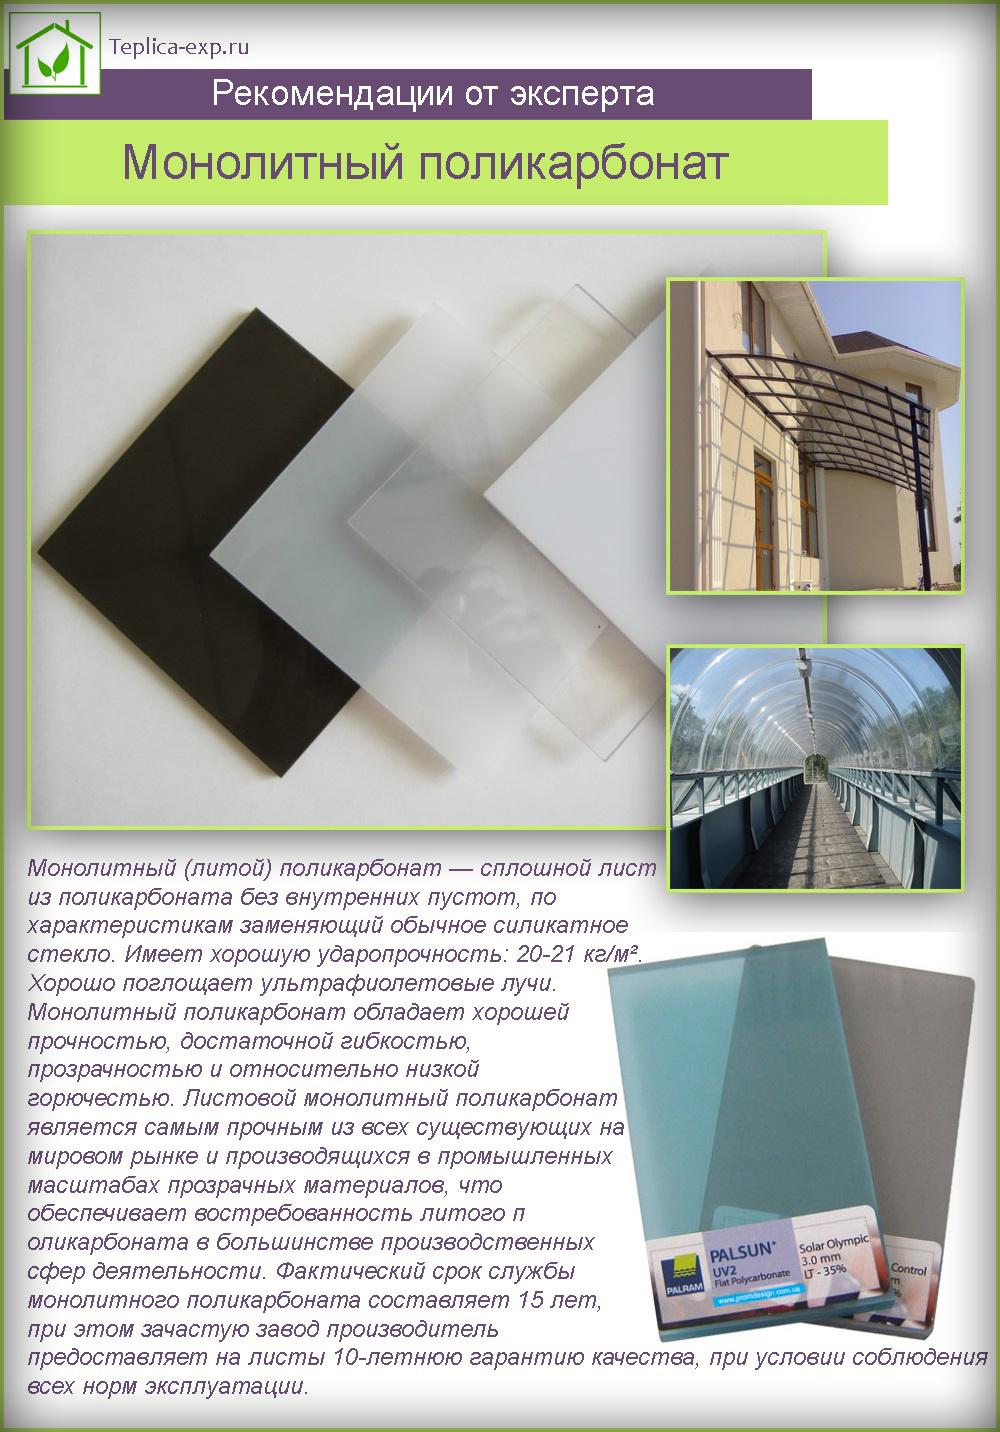 Поликарбонат. характеристики и виды поликарбоната, состав, плюсы и минусы.